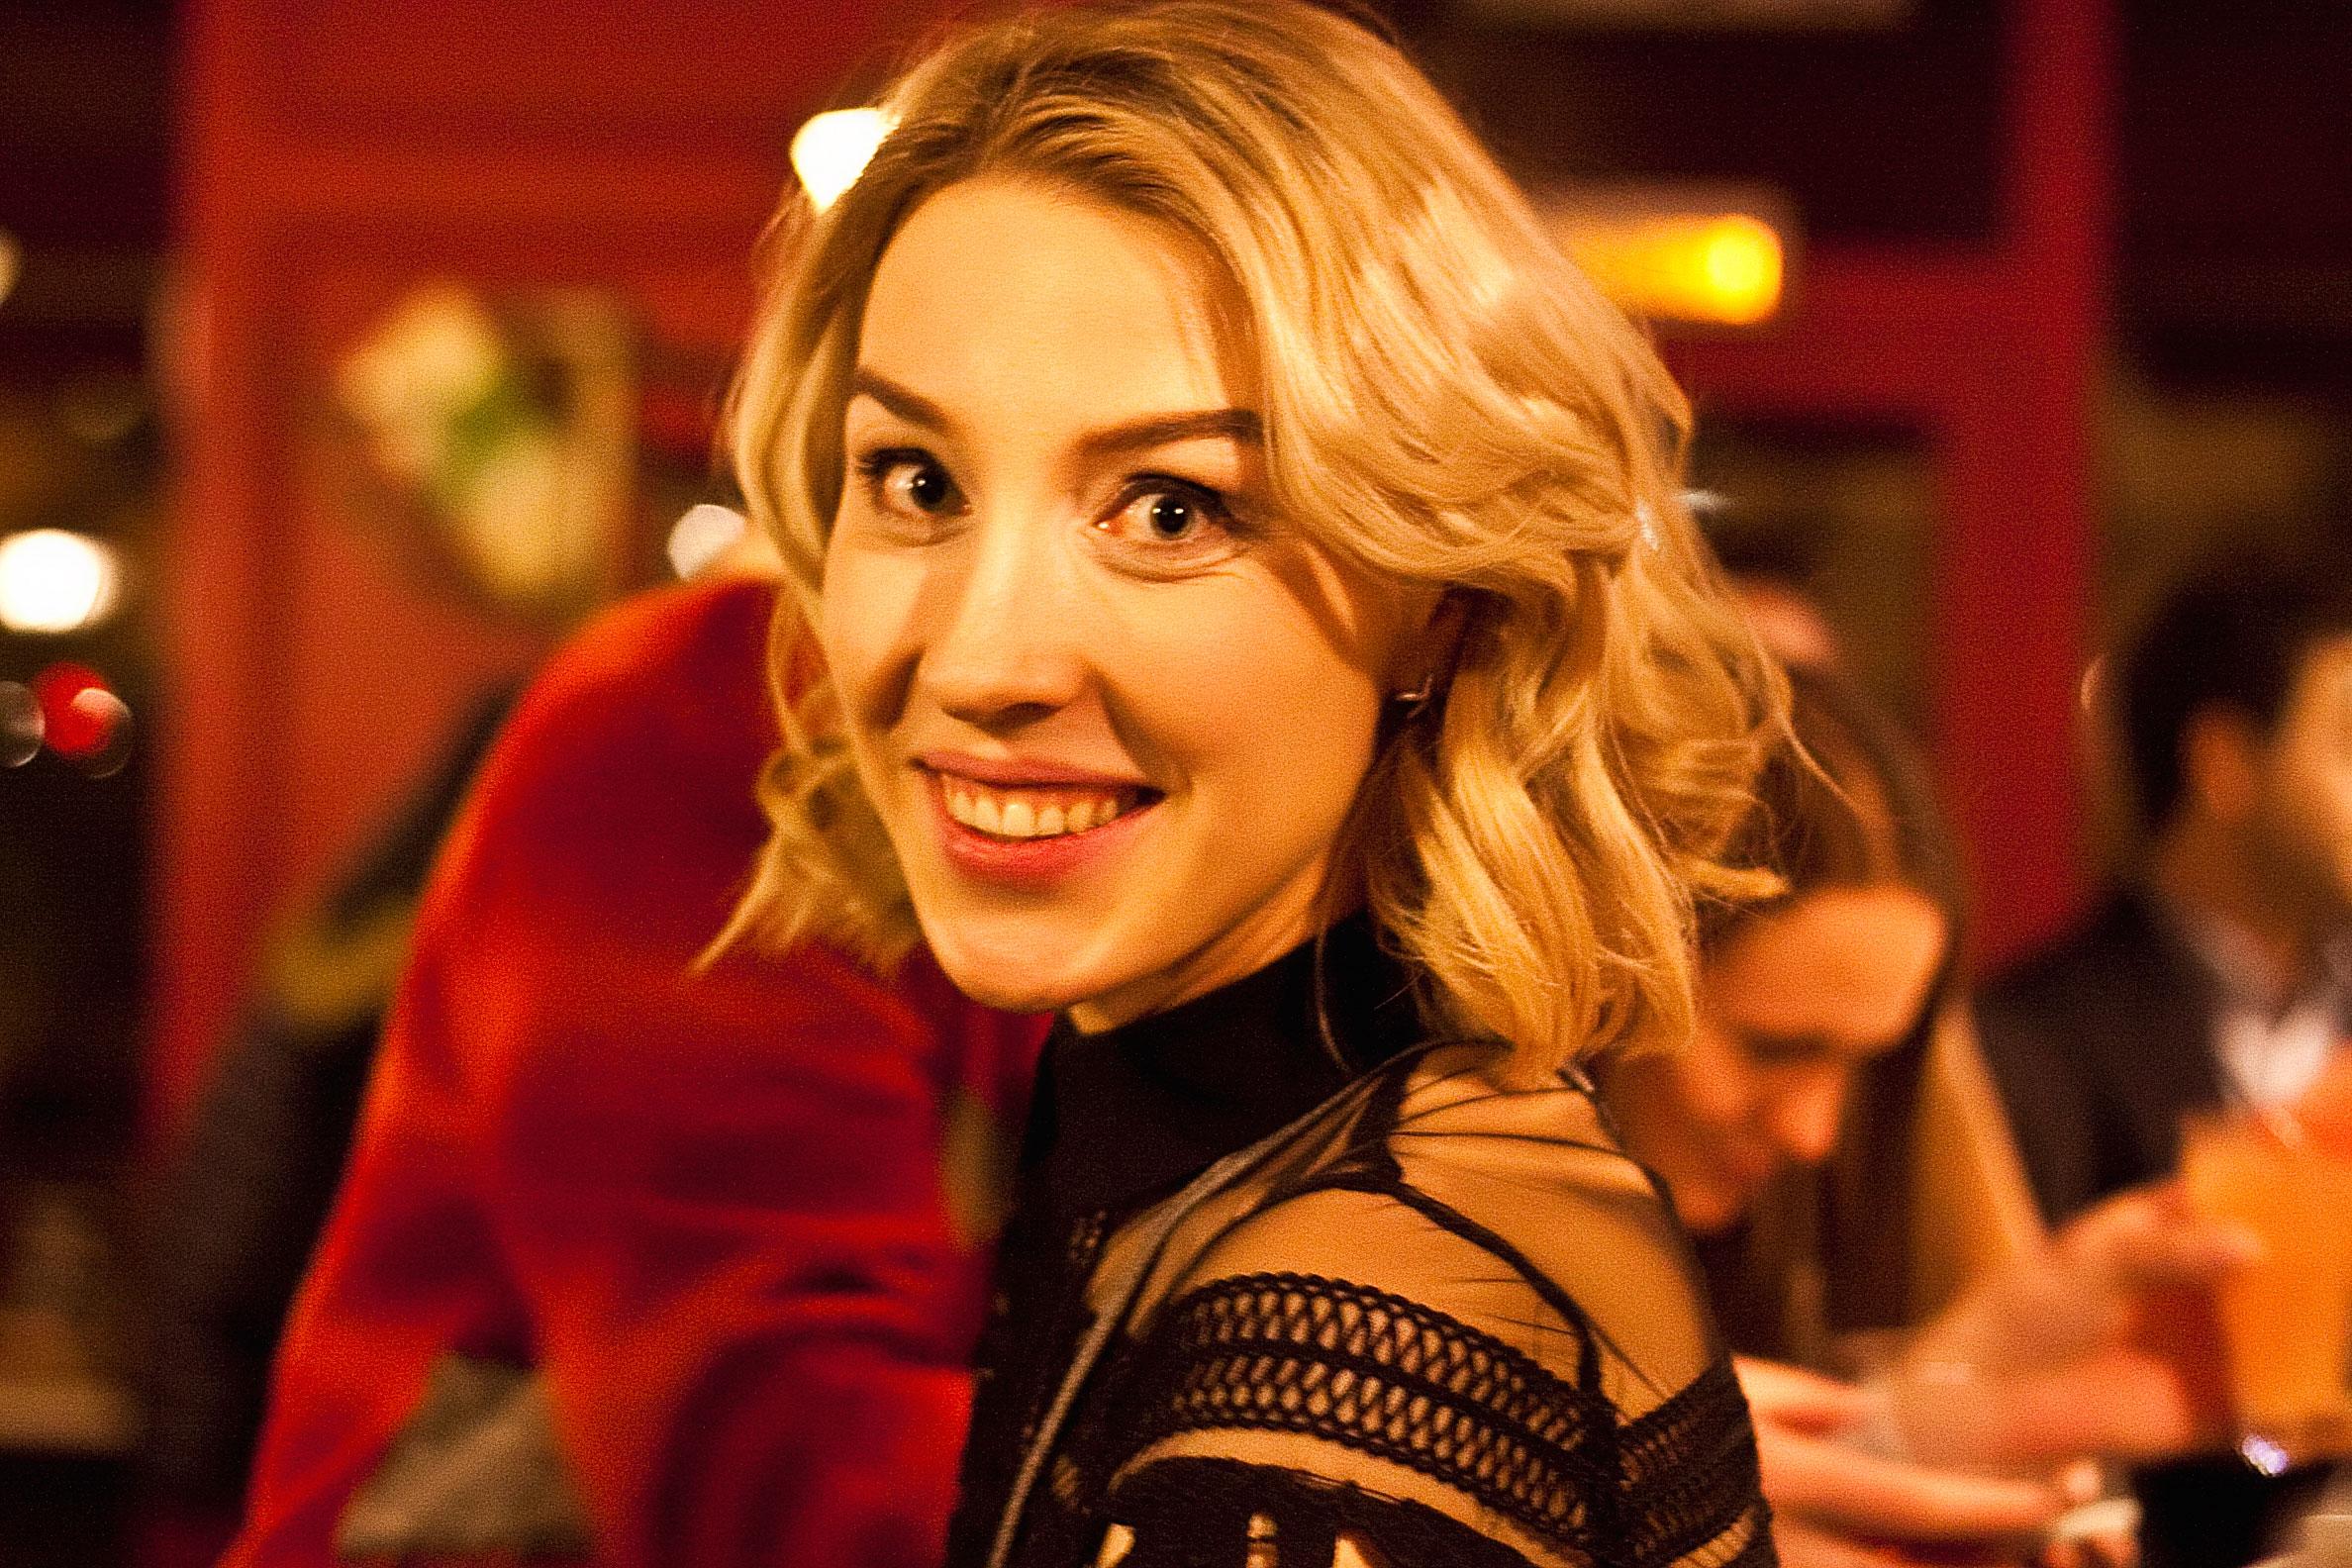 Anastasia Laukkanen